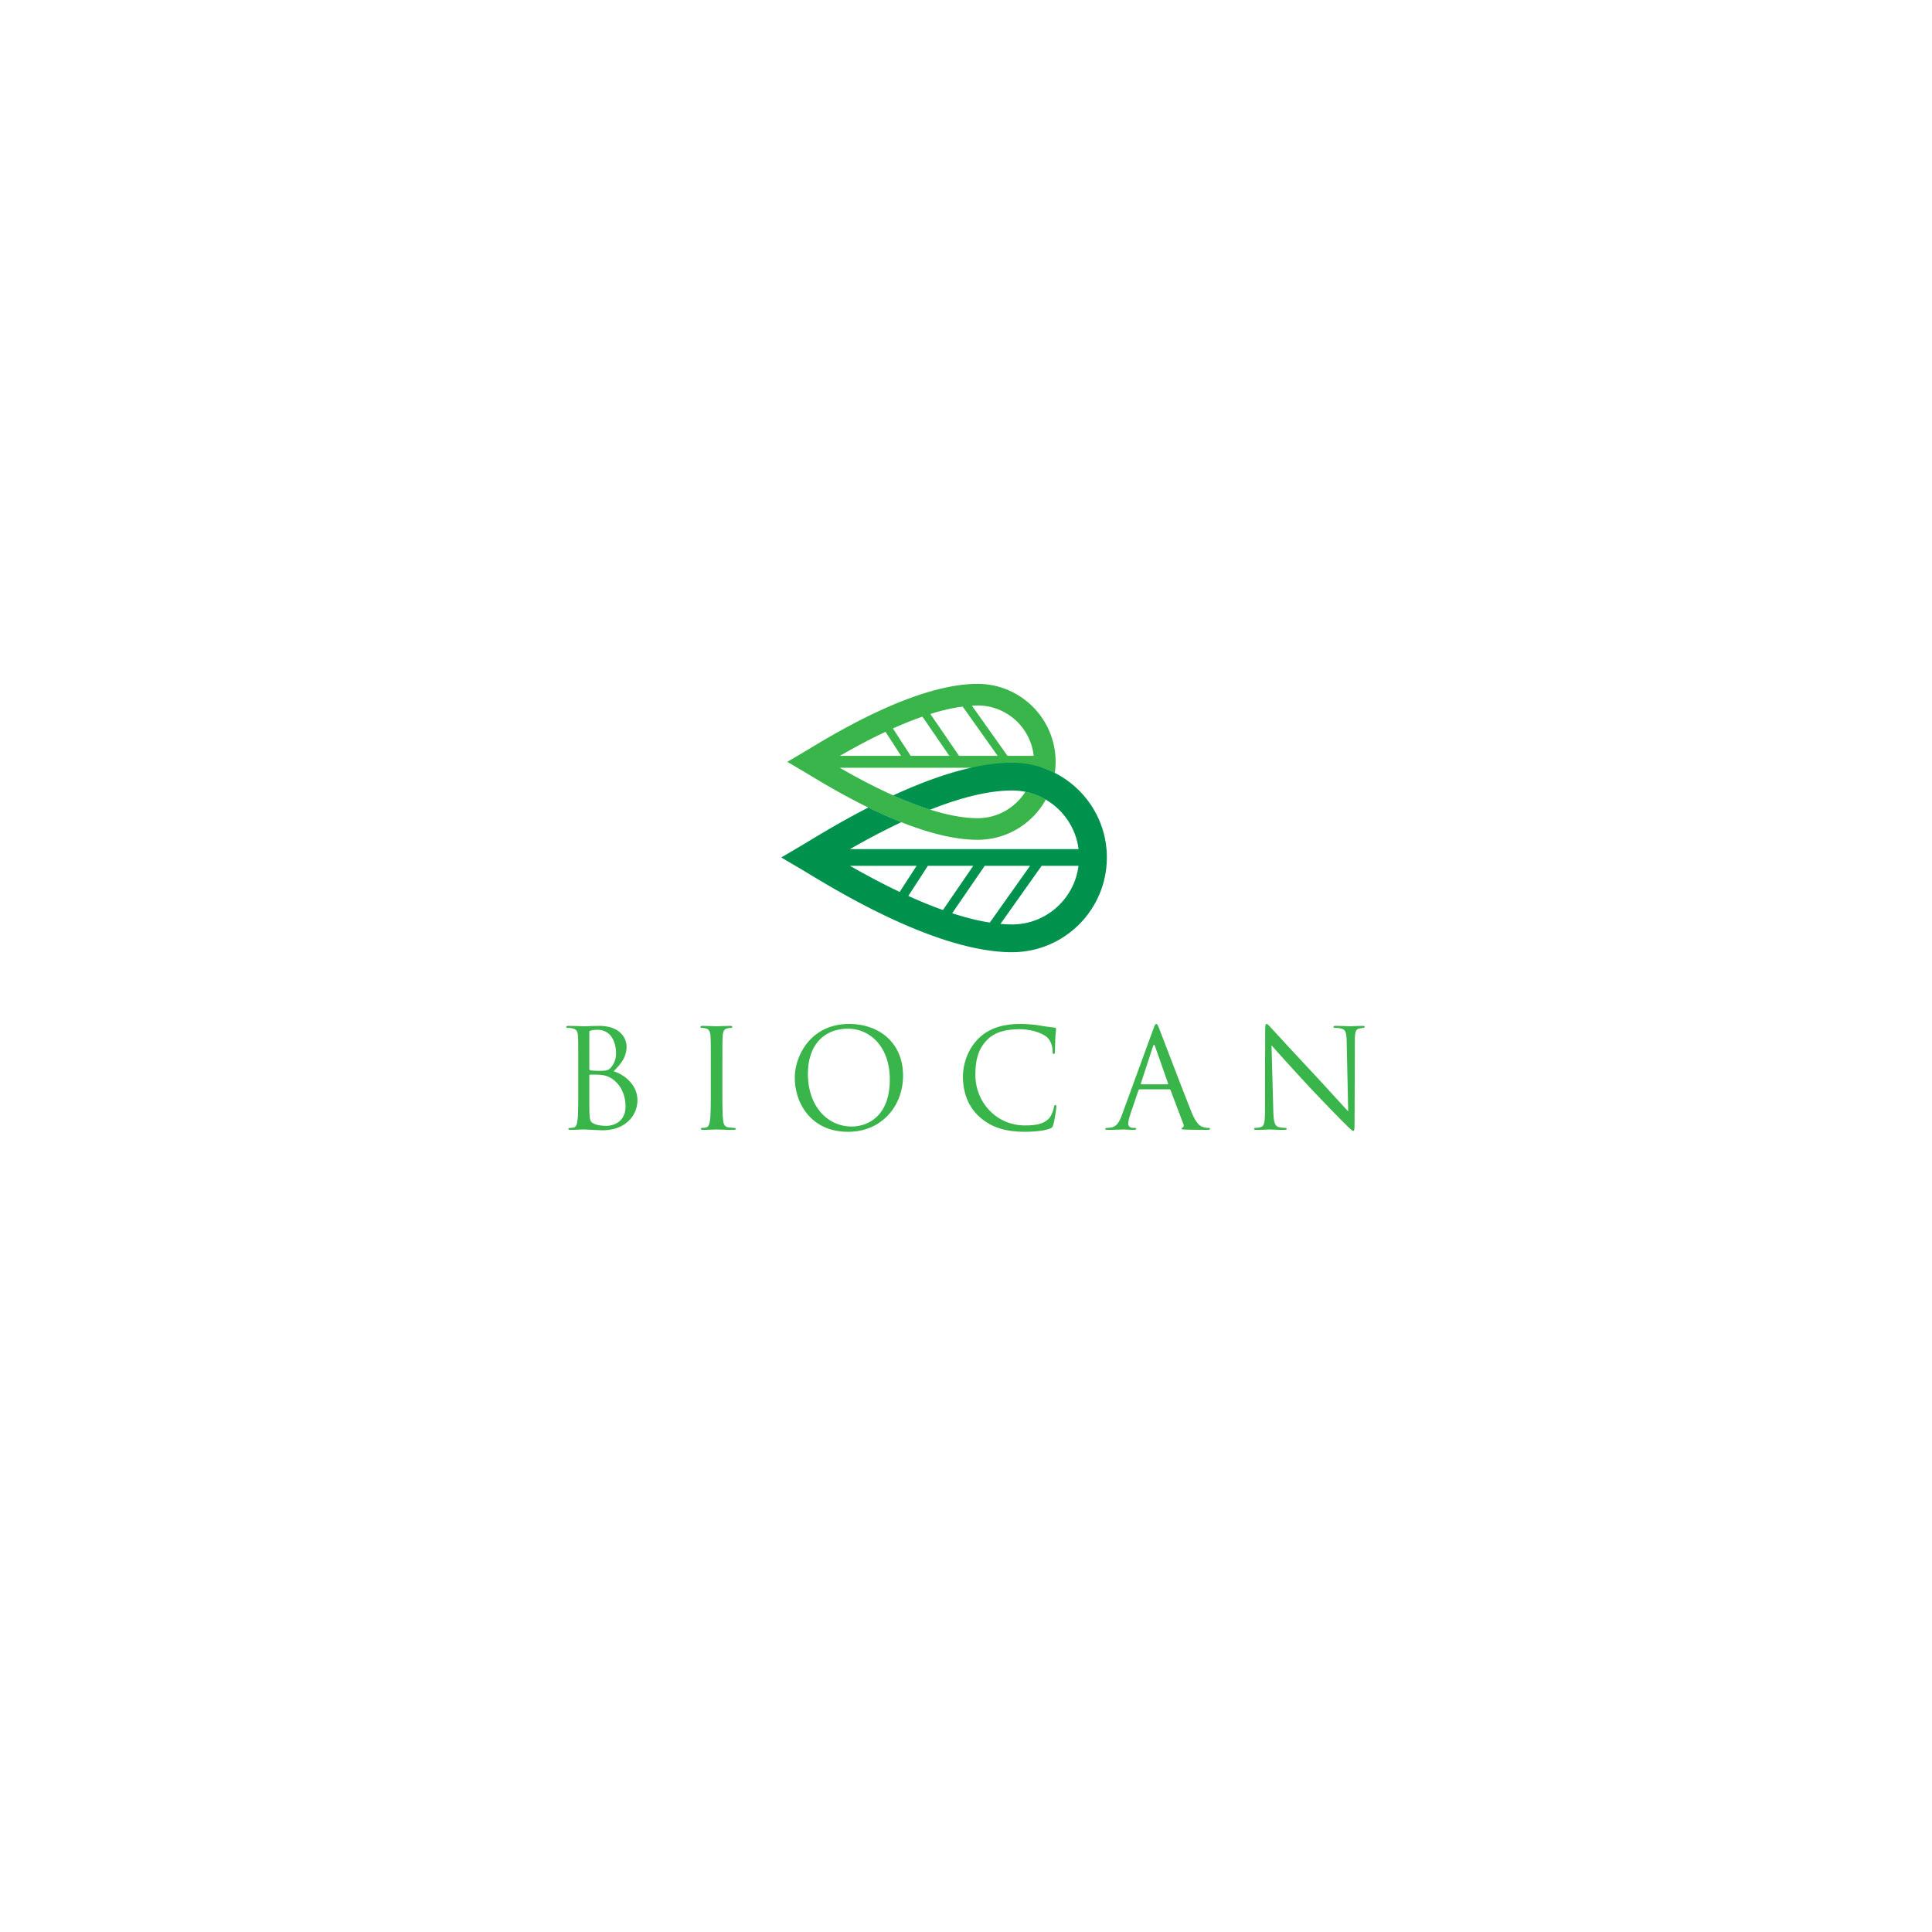 Biocan